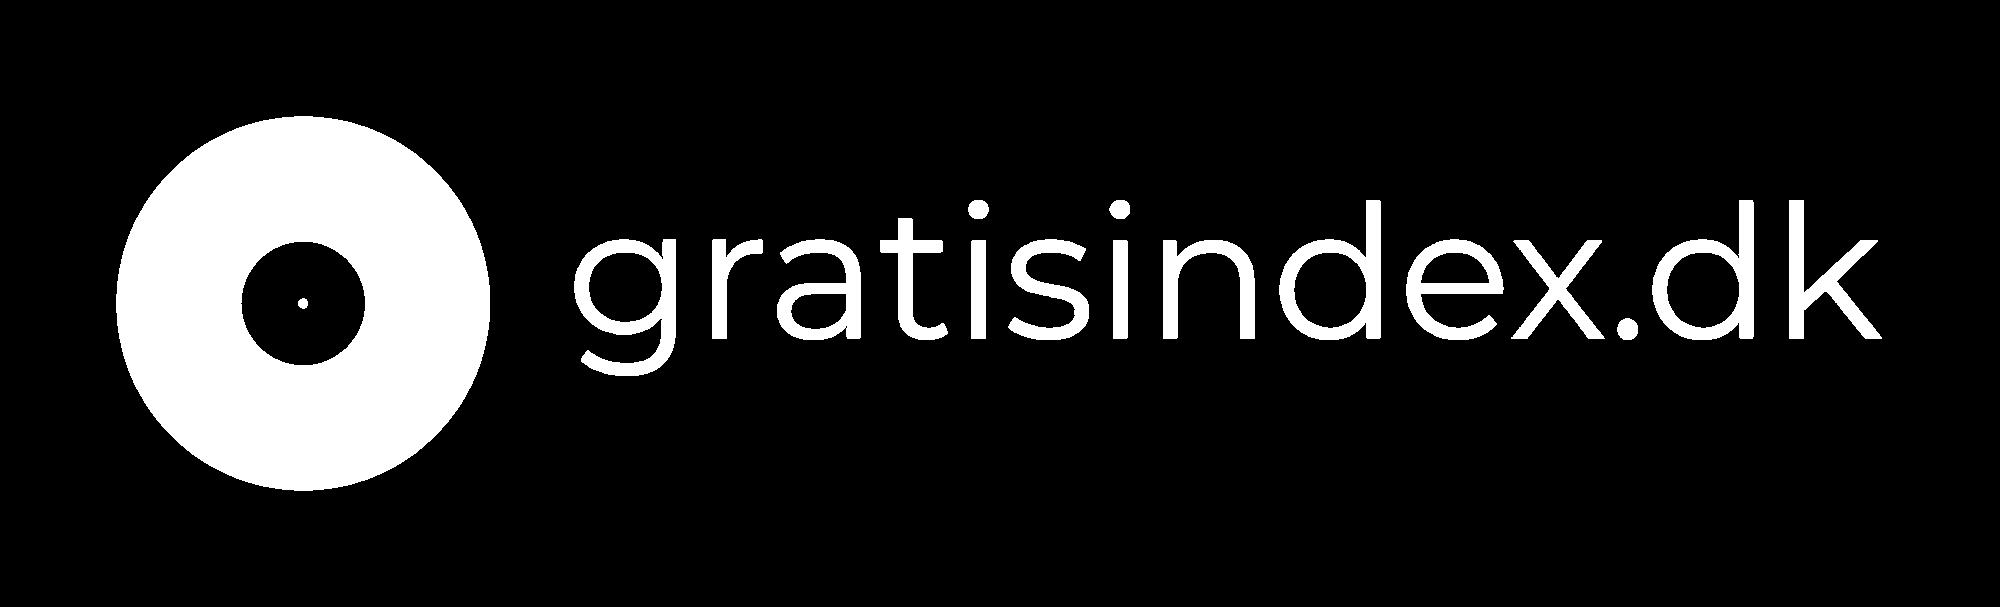 gratisindex.dk logo